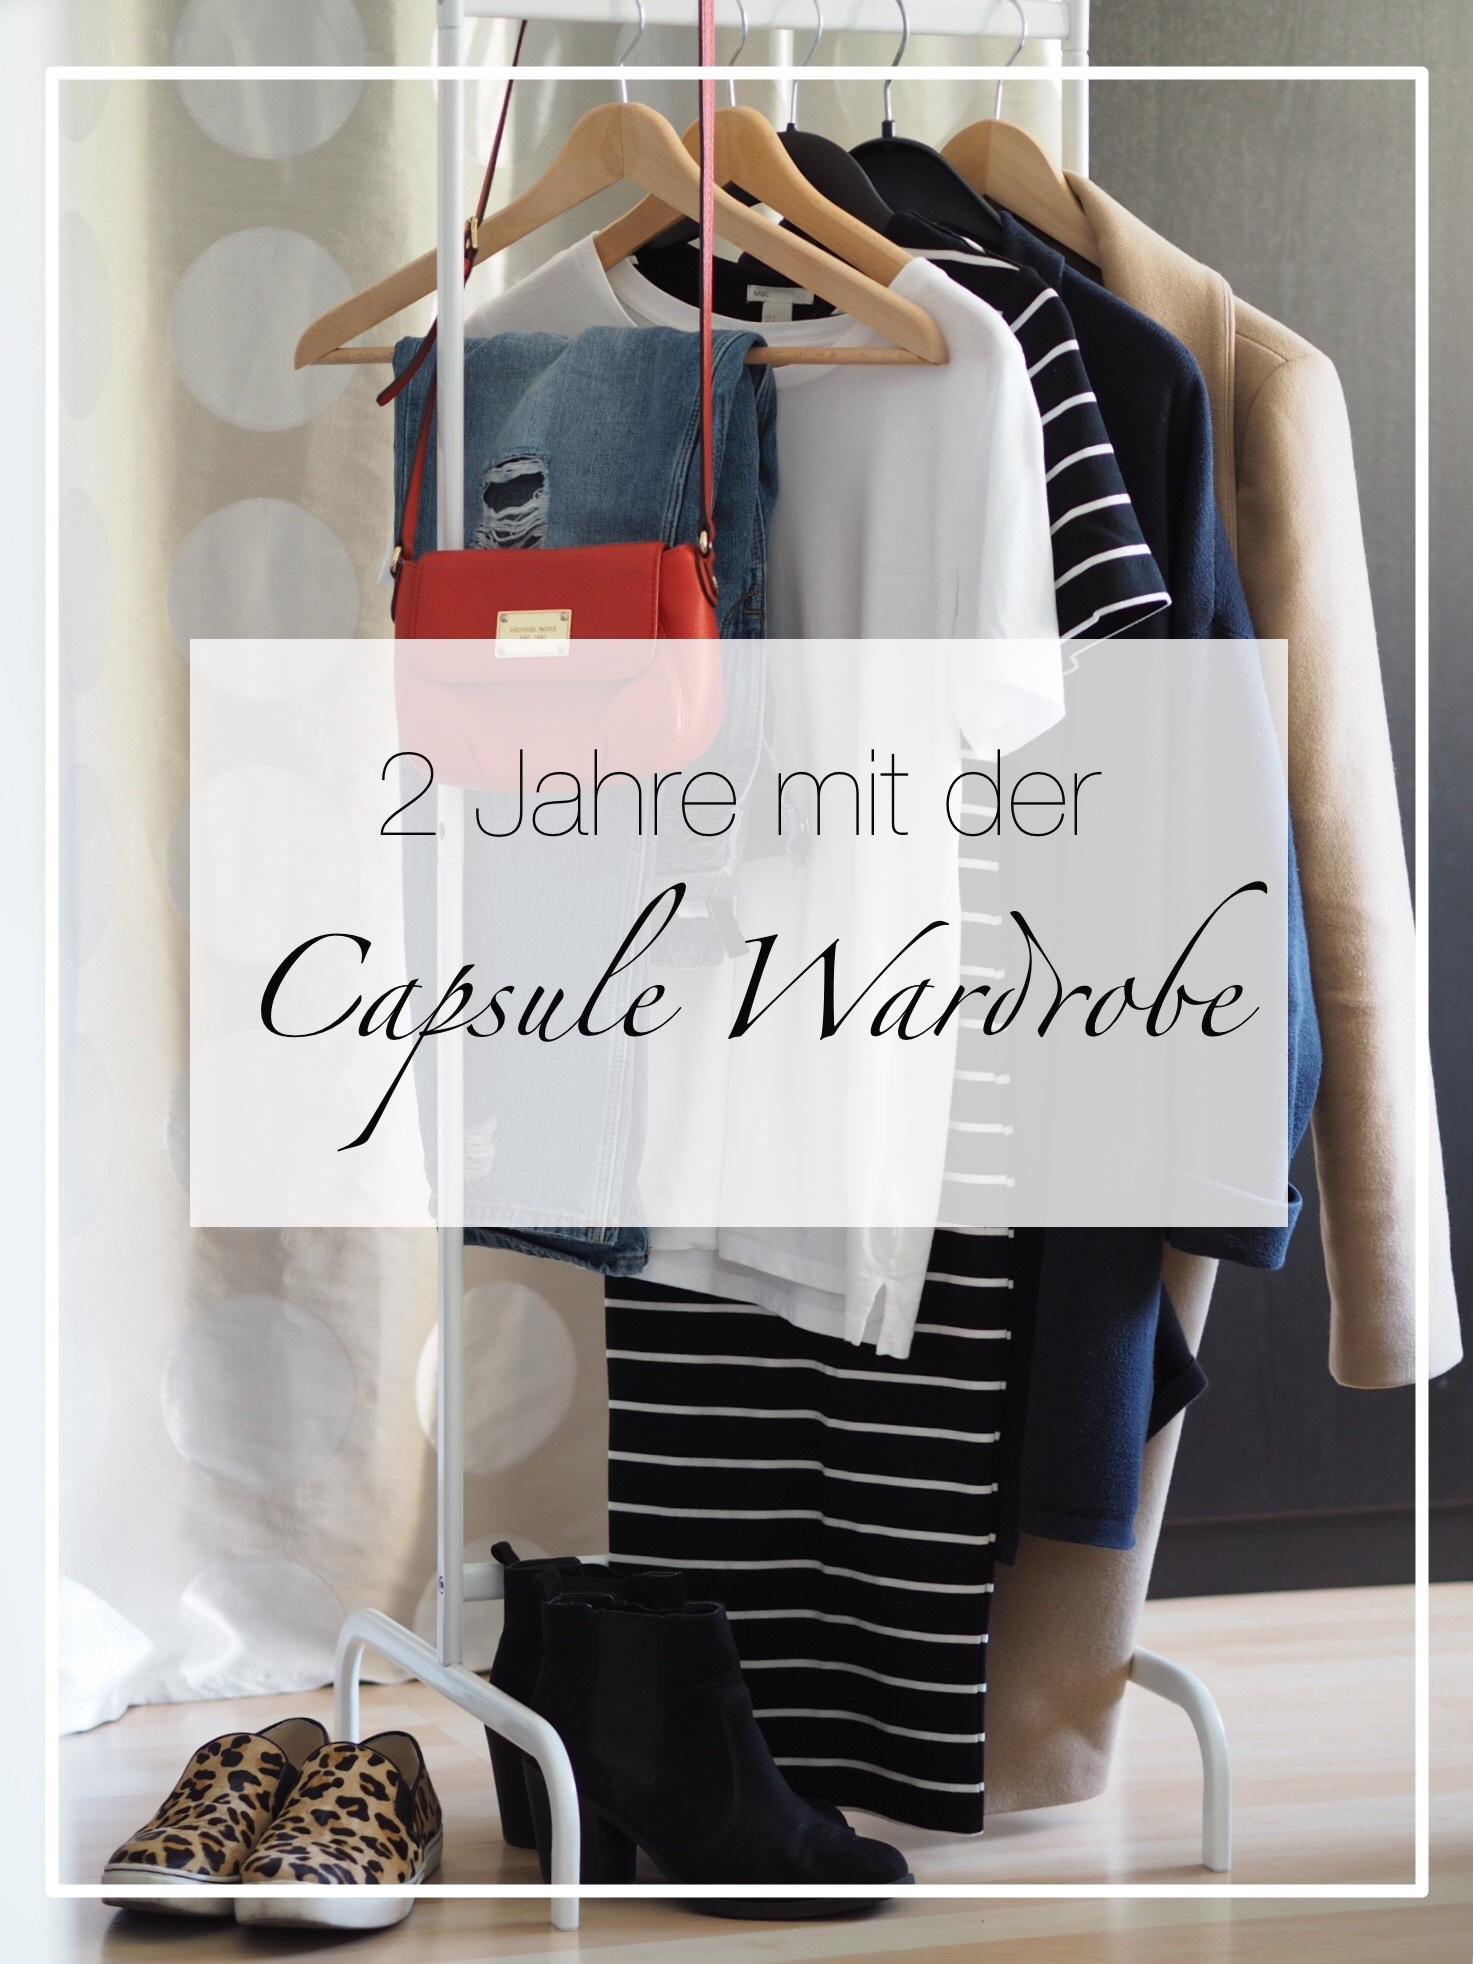 Warum ich auch nach 2 Jahren mit der Capsule Wardrobe noch nicht genug habe?!